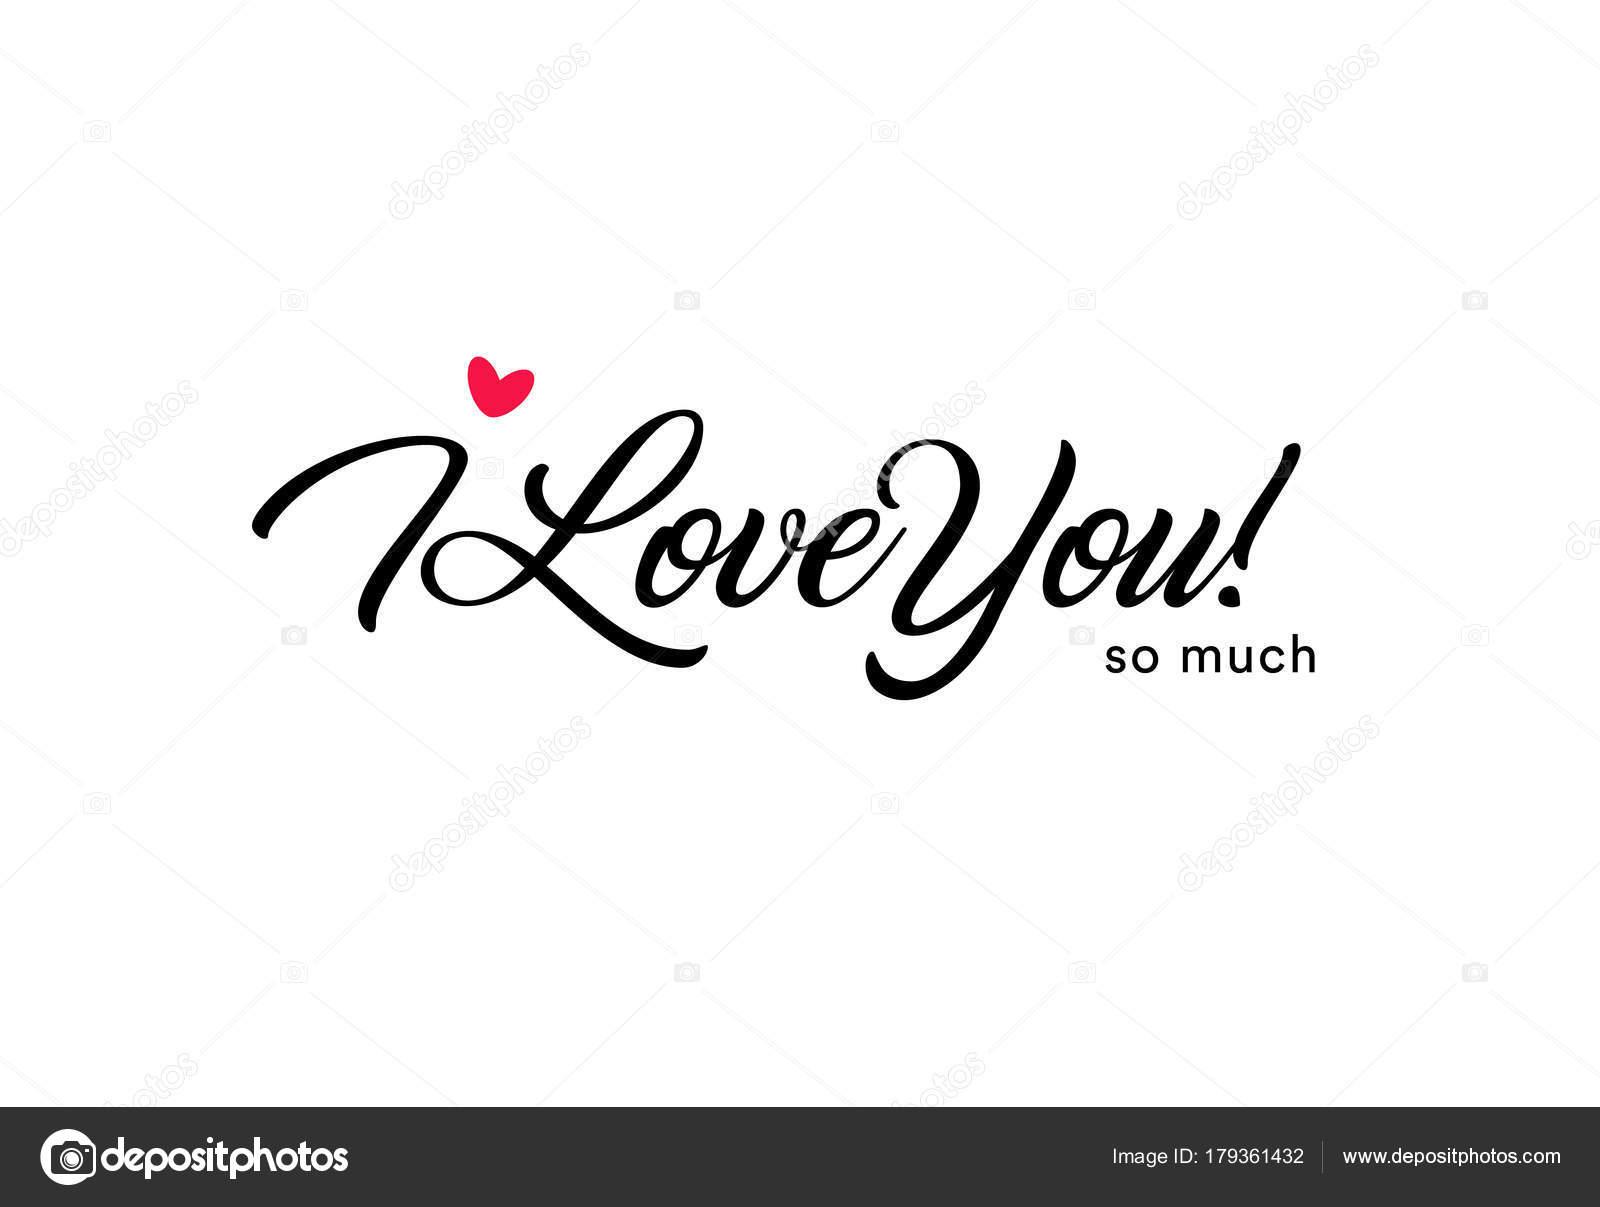 wie sehr liebe ich dich